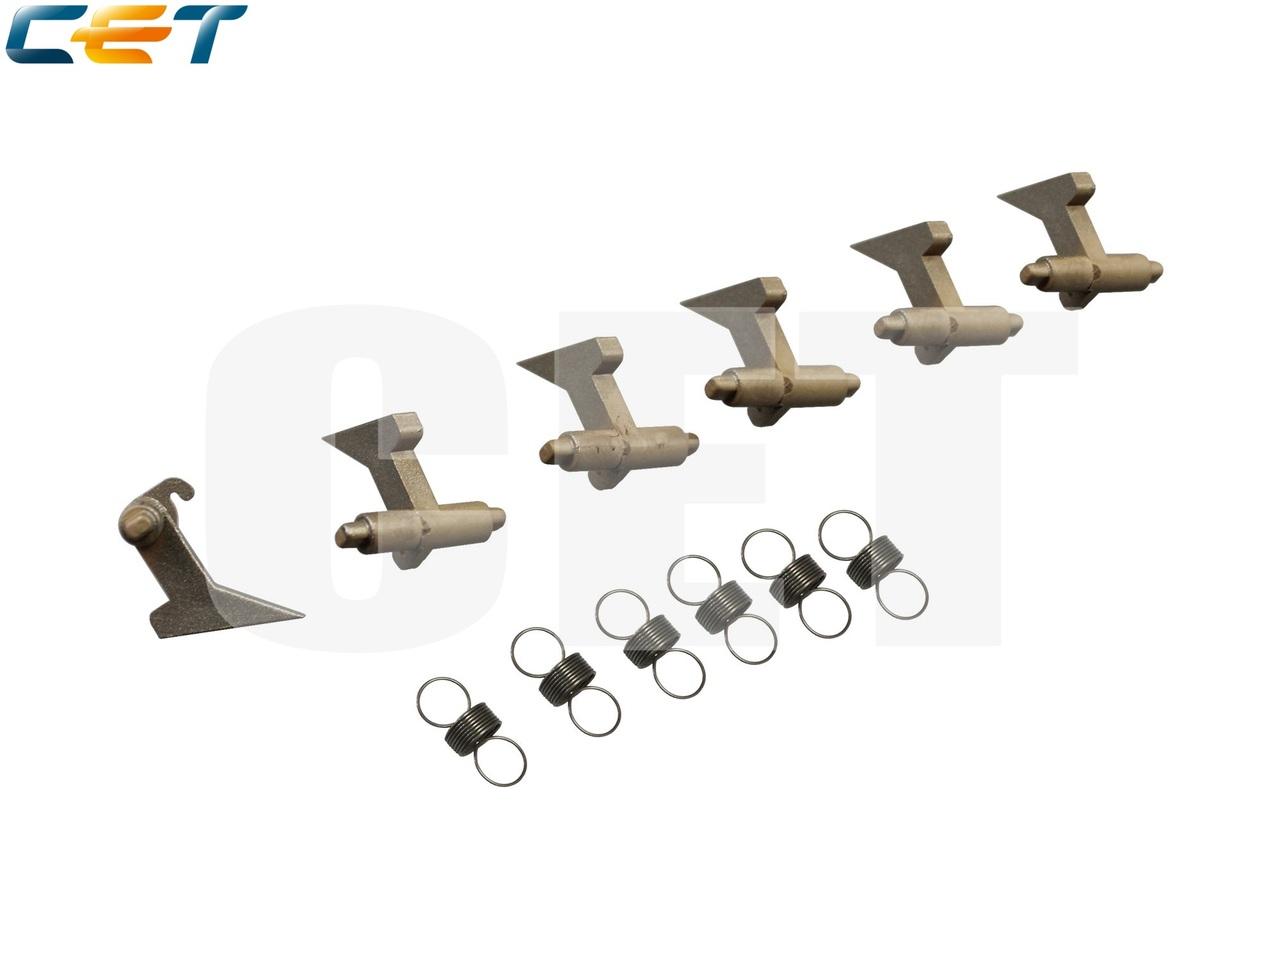 Сепаратор тефлонового вала с пружиной 2C920190 дляKYOCERA KM-2540/2560/3040/3060 (CET), CET7827